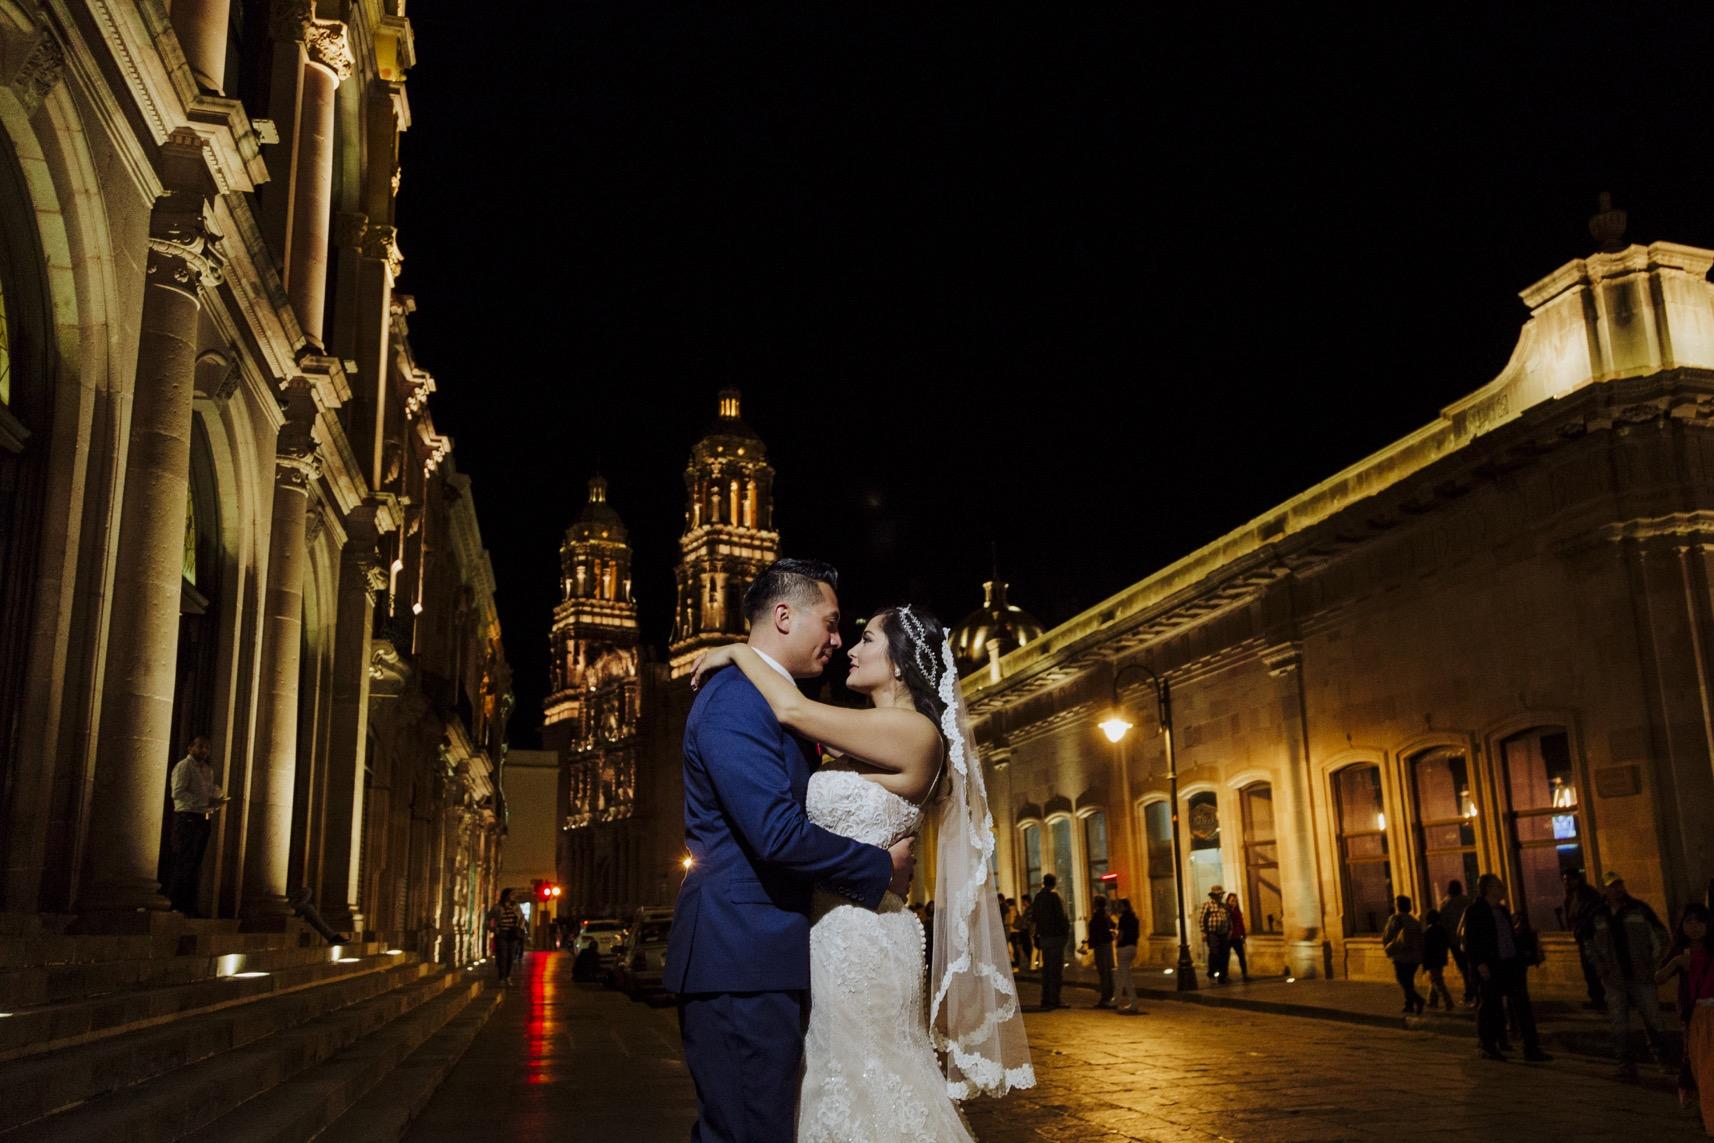 fotografo_profesional_bodas_zacatecas_mexico-53